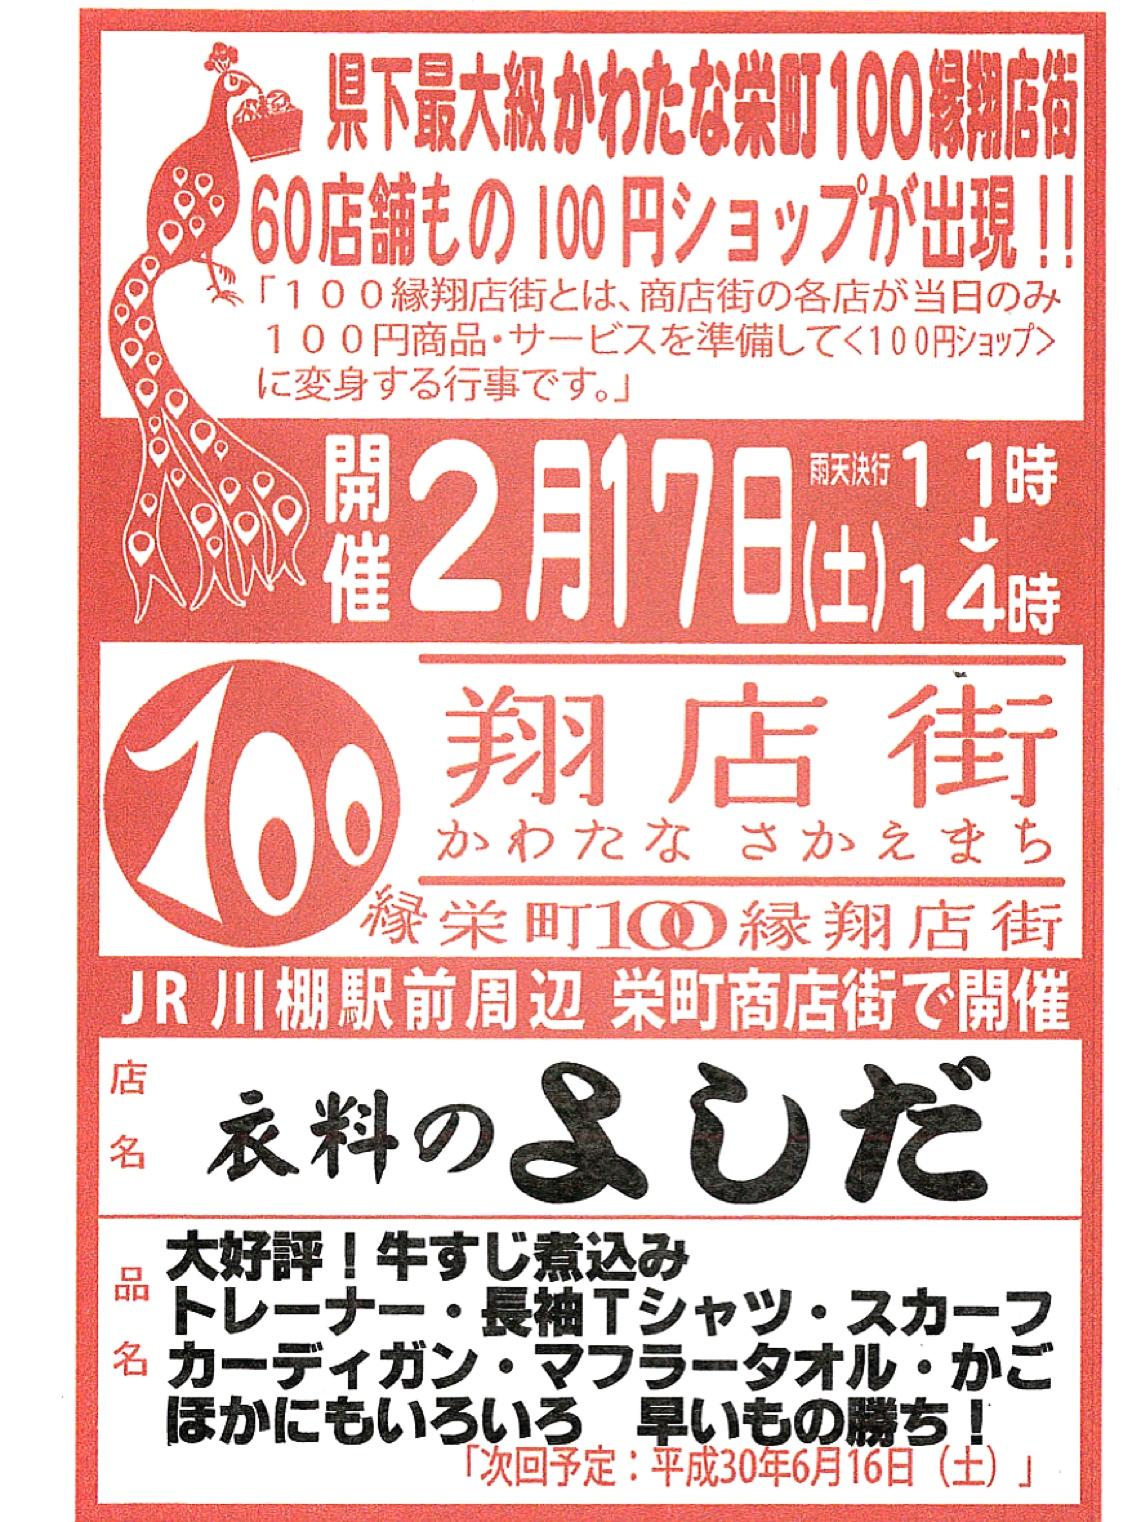 明日は、かわたな栄町 100縁 翔店街 ꉂꉂ📣